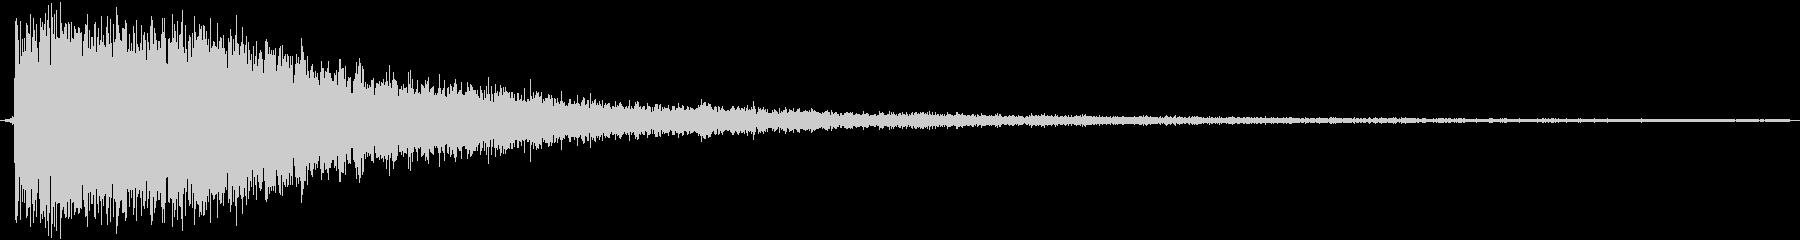 ジャーン!(ドラムロールのキメ部分)の未再生の波形